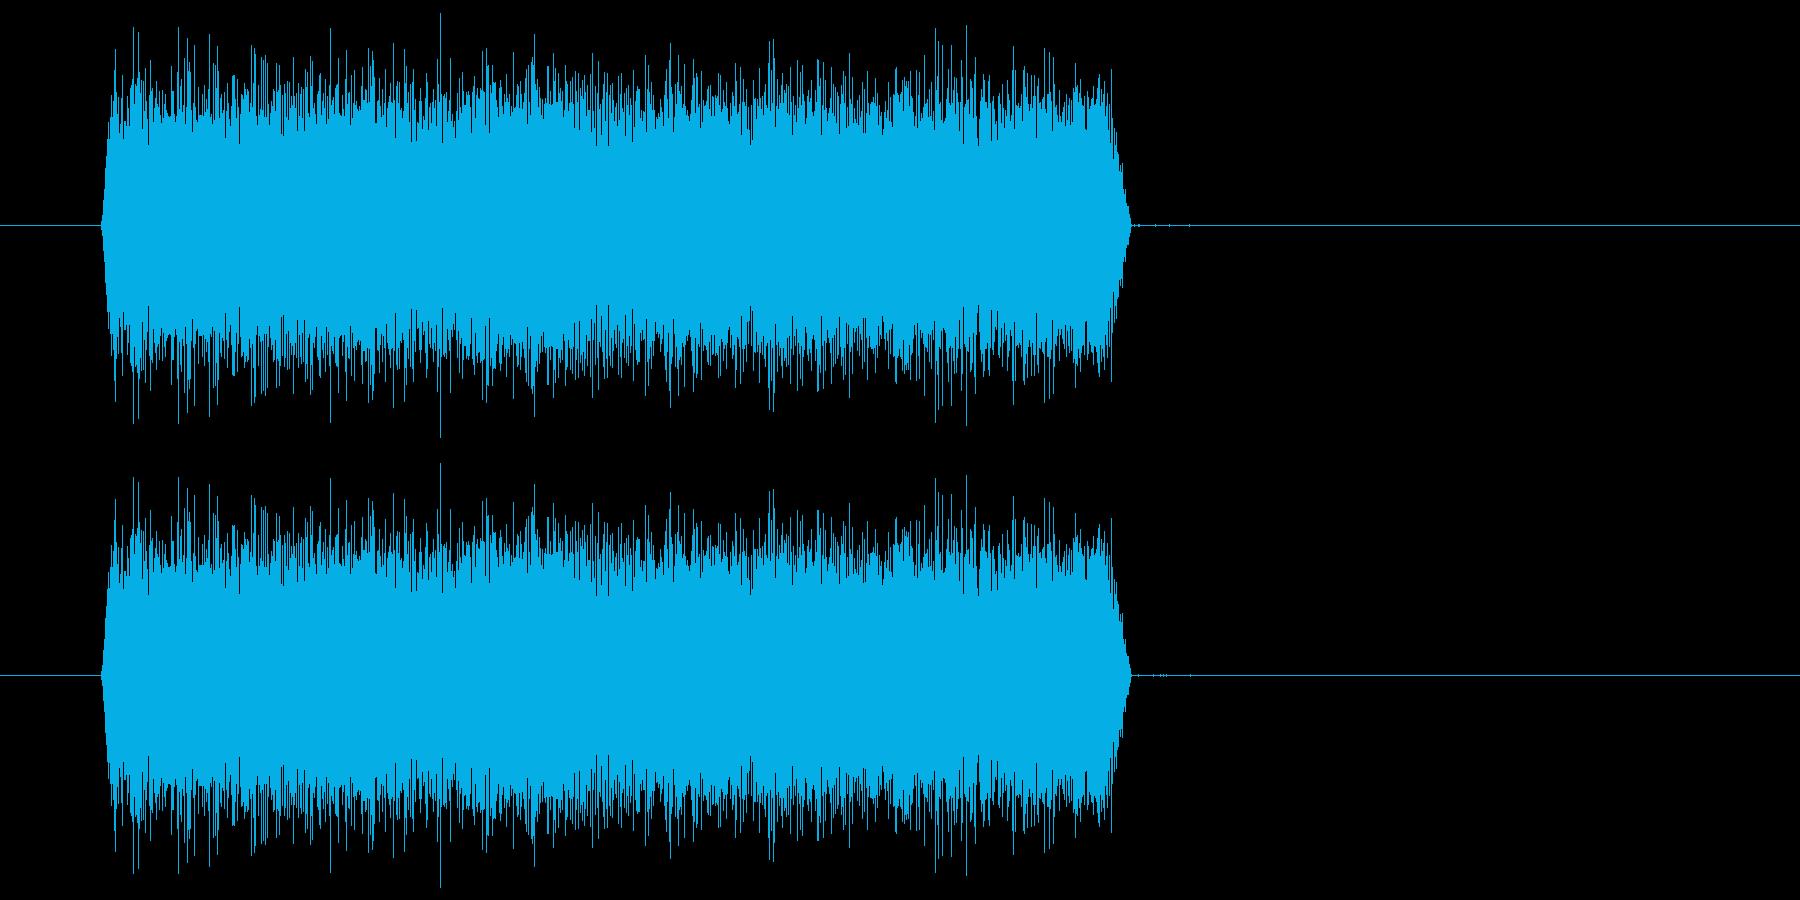 シュー(噴射音) 01の再生済みの波形